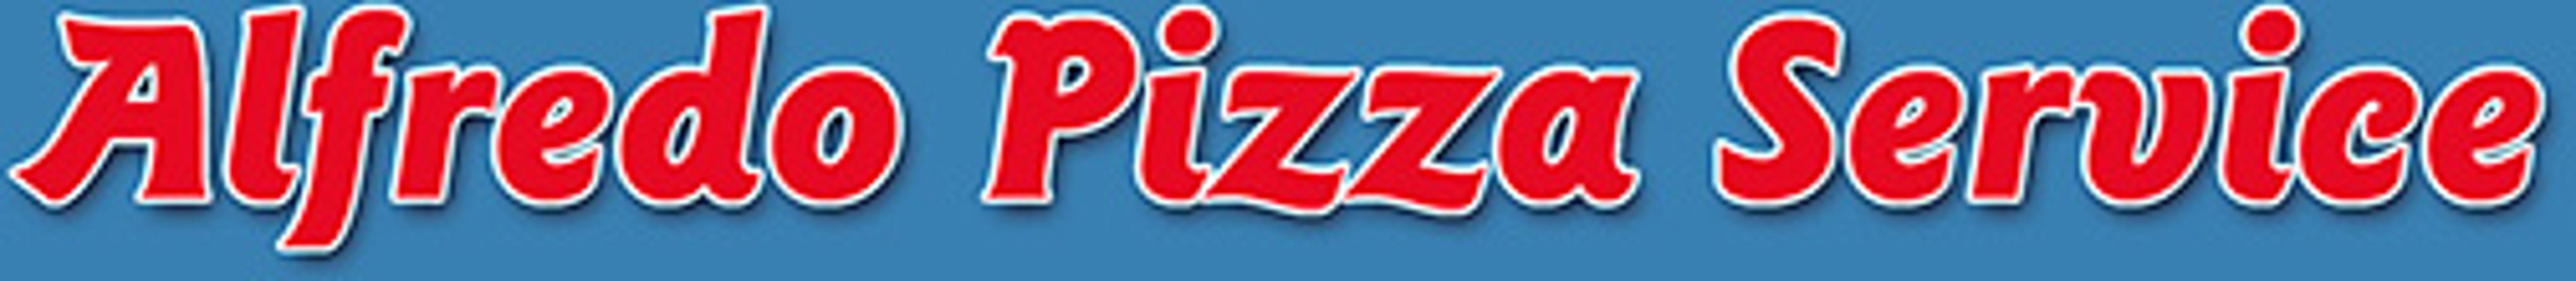 Bild zu Alfredo Pizza Service in Bitterfeld Wolfen